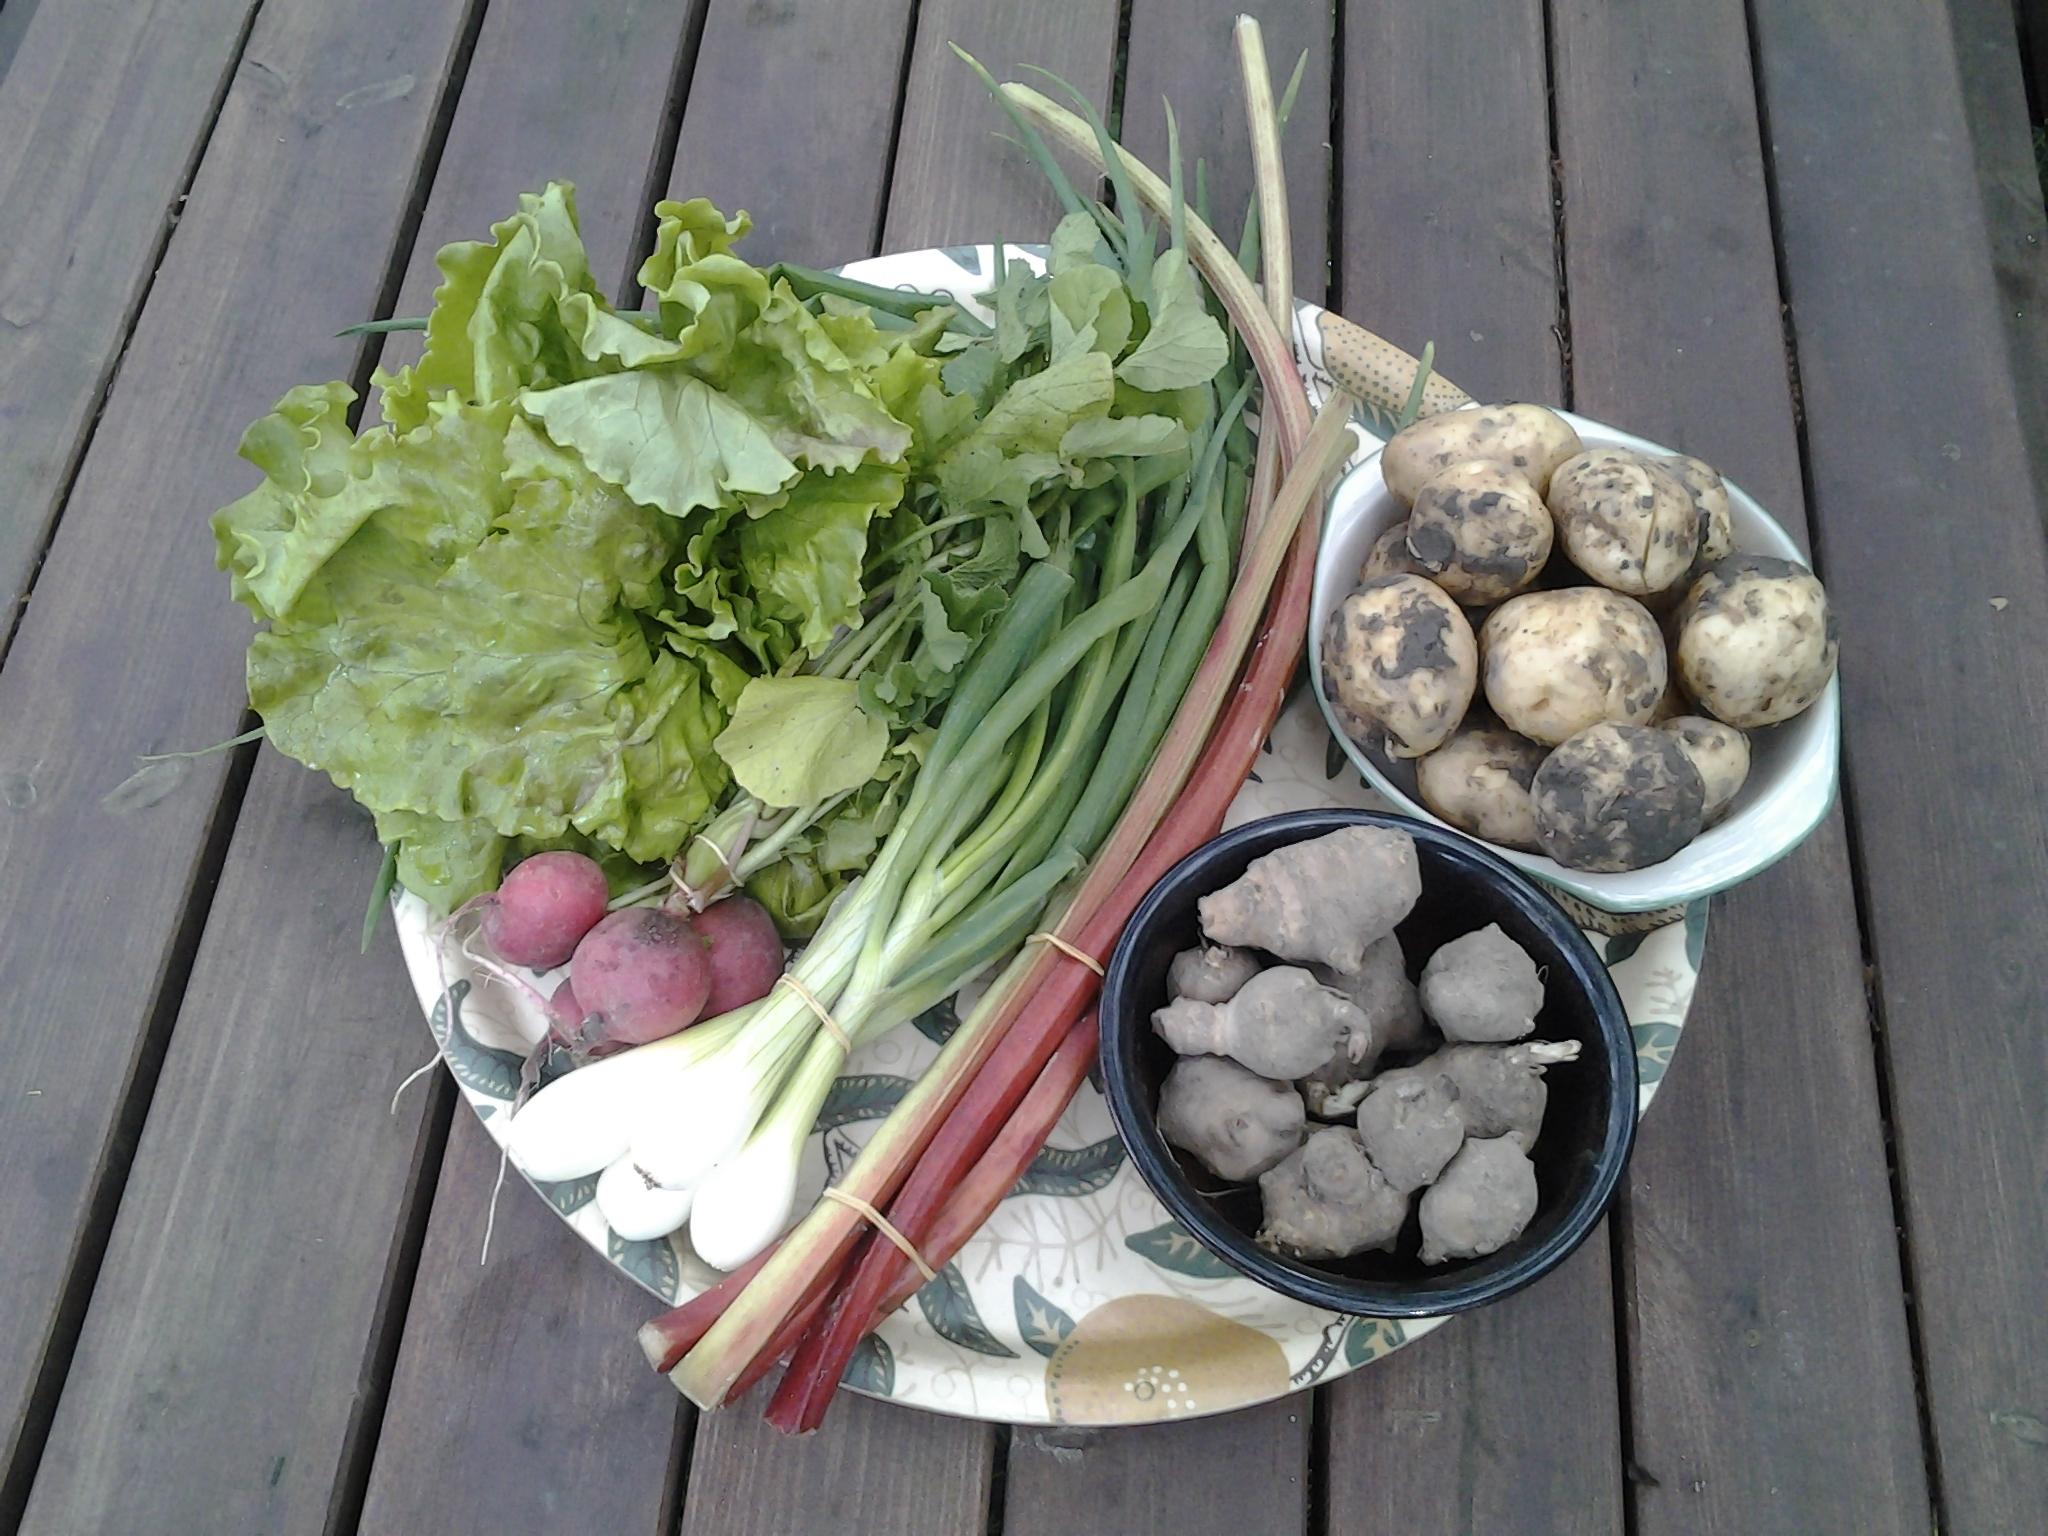 salaatinkerä 255 g, retiisinippu 188 g, sipulinippu 330 g, raparperiaa 248 g, maa-artisokkia 364 g ja perunoita 996 g